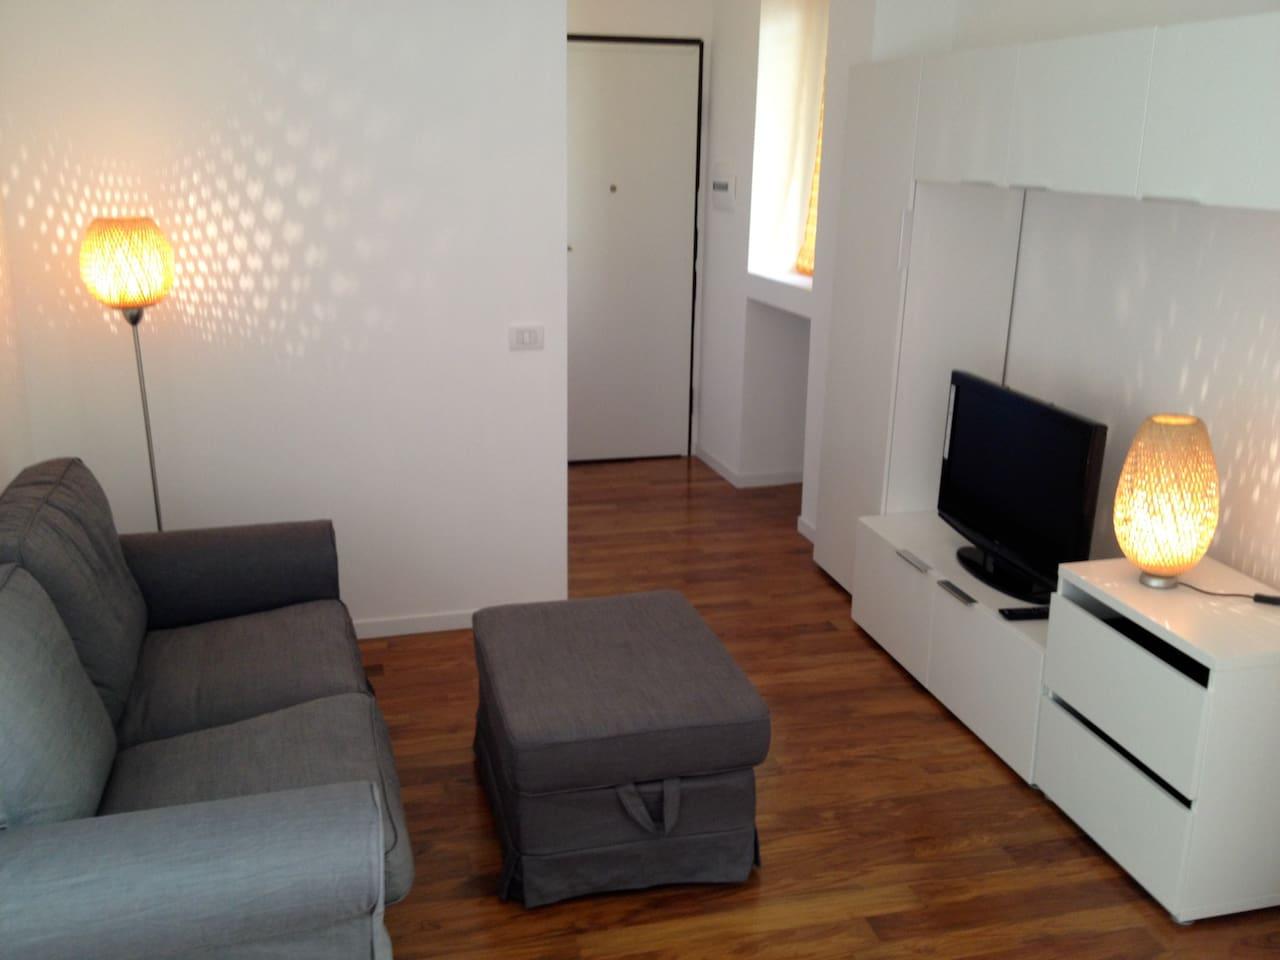 Apartment located in Porta Venezia